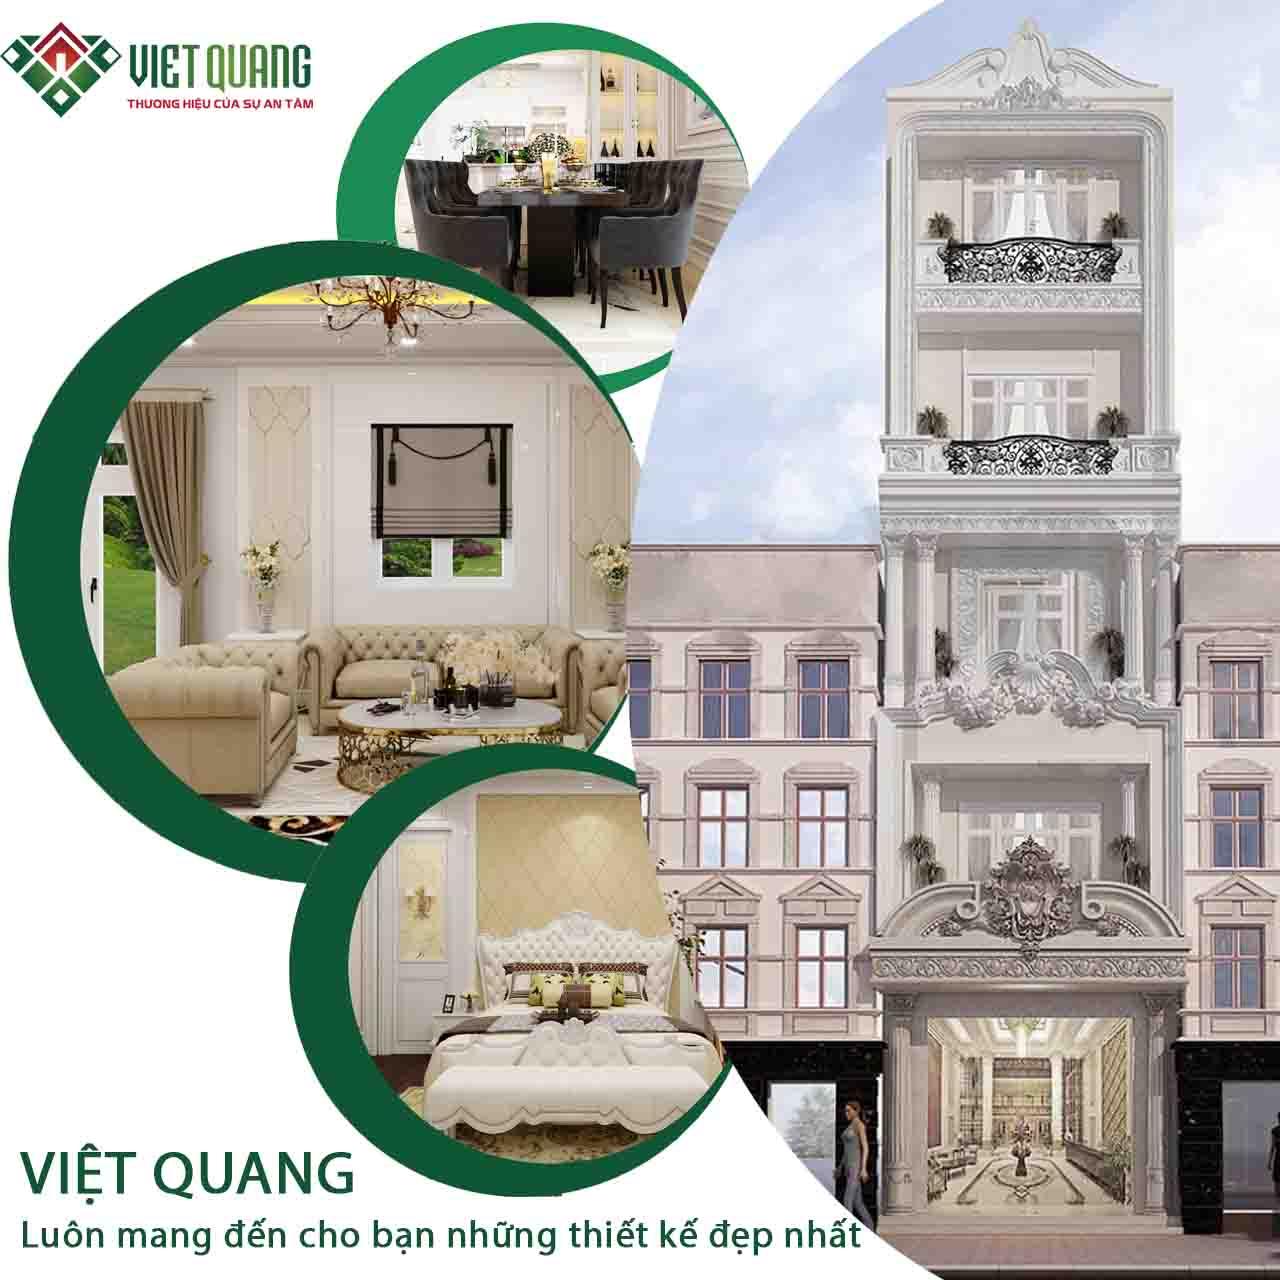 Việt Quang Group đơn vị thiết kế xây dựng nhà ở chuyên nghiệp, uy tín